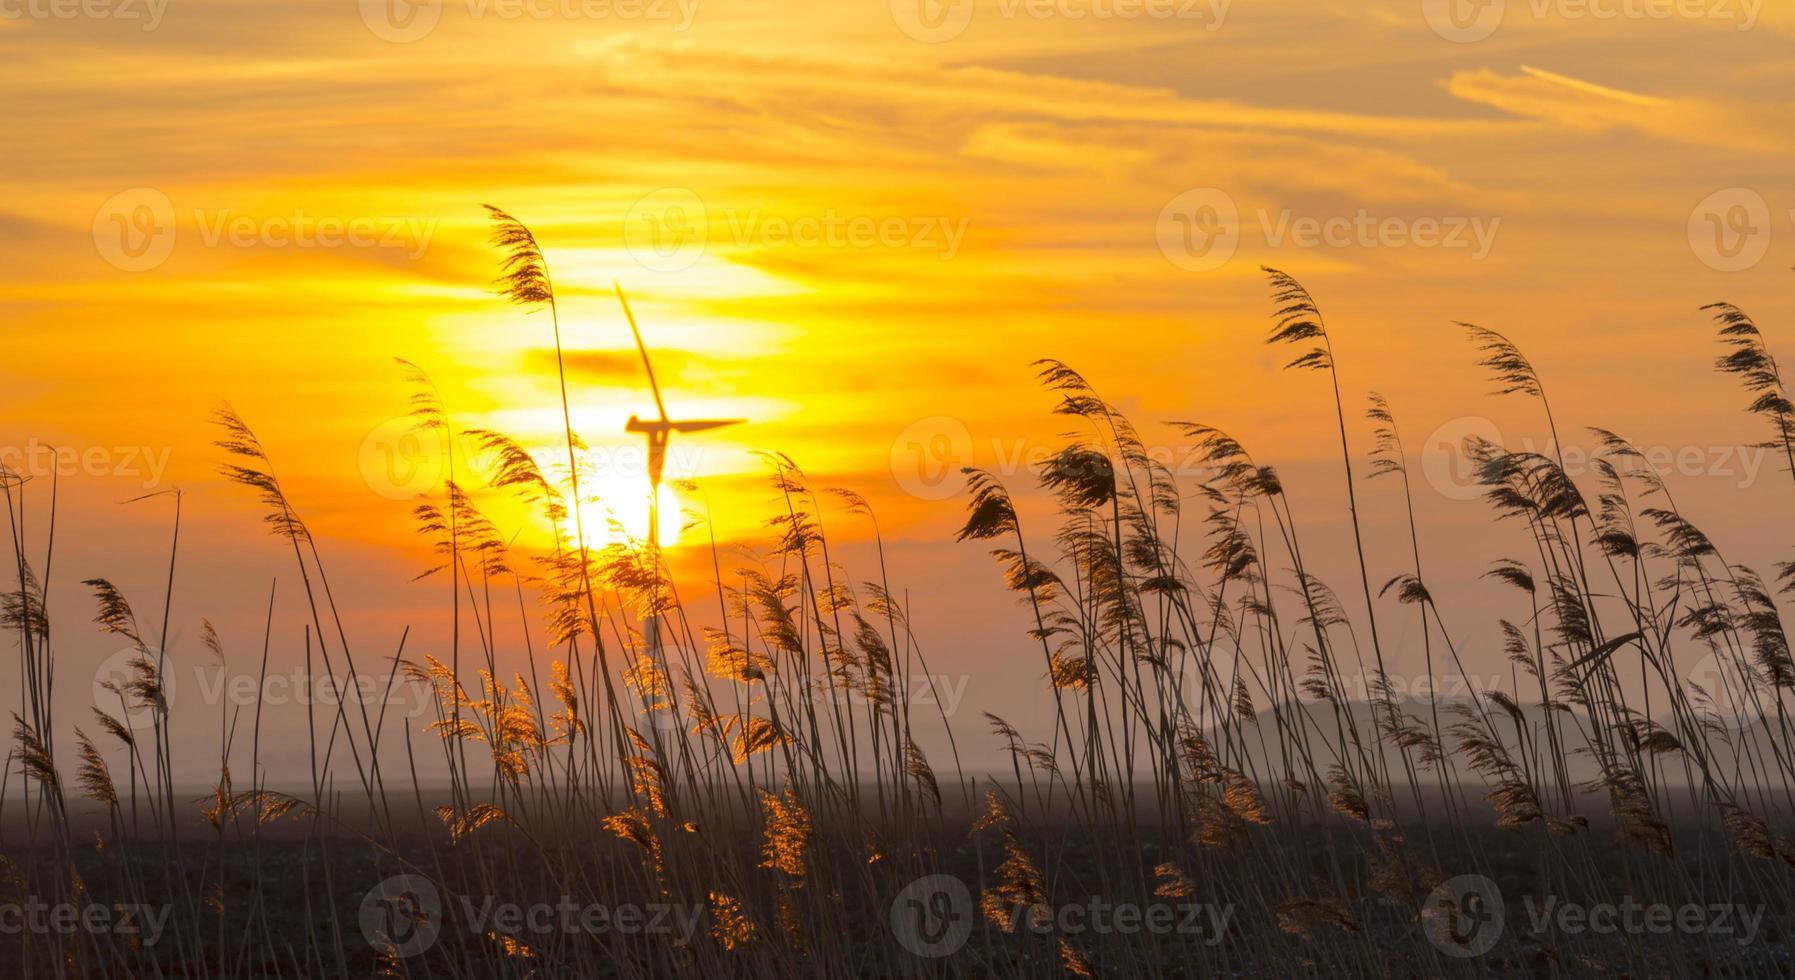 alba sopra la canna in un campo in inverno foto